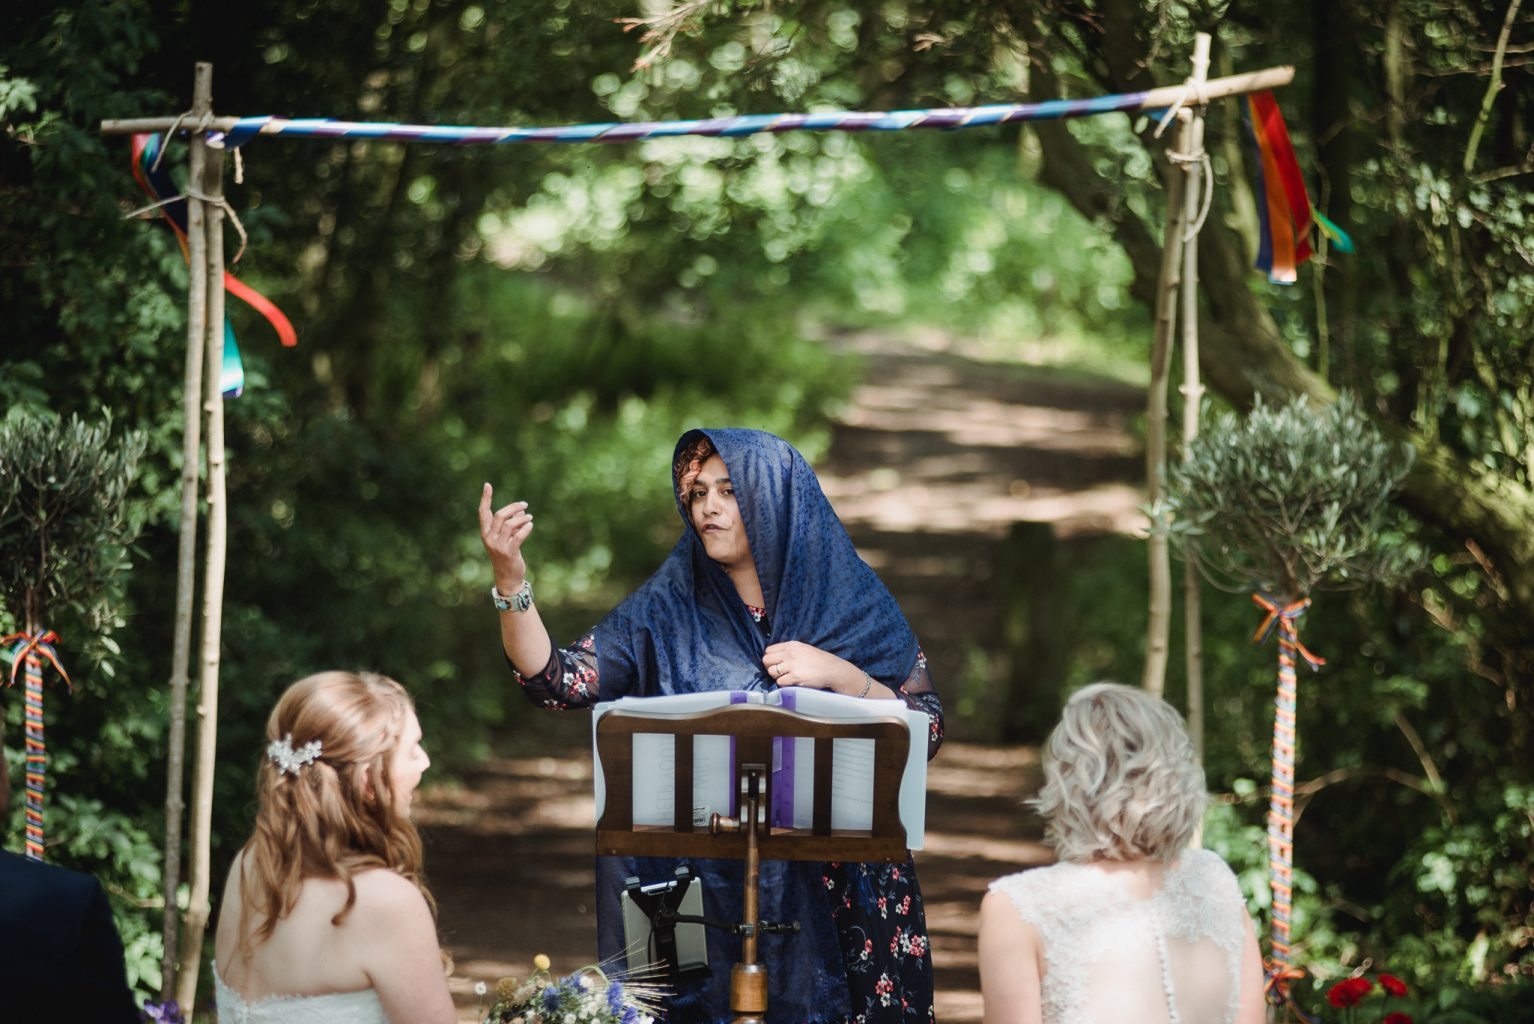 Yorkshire Wedding Celebrant Themed ceremony